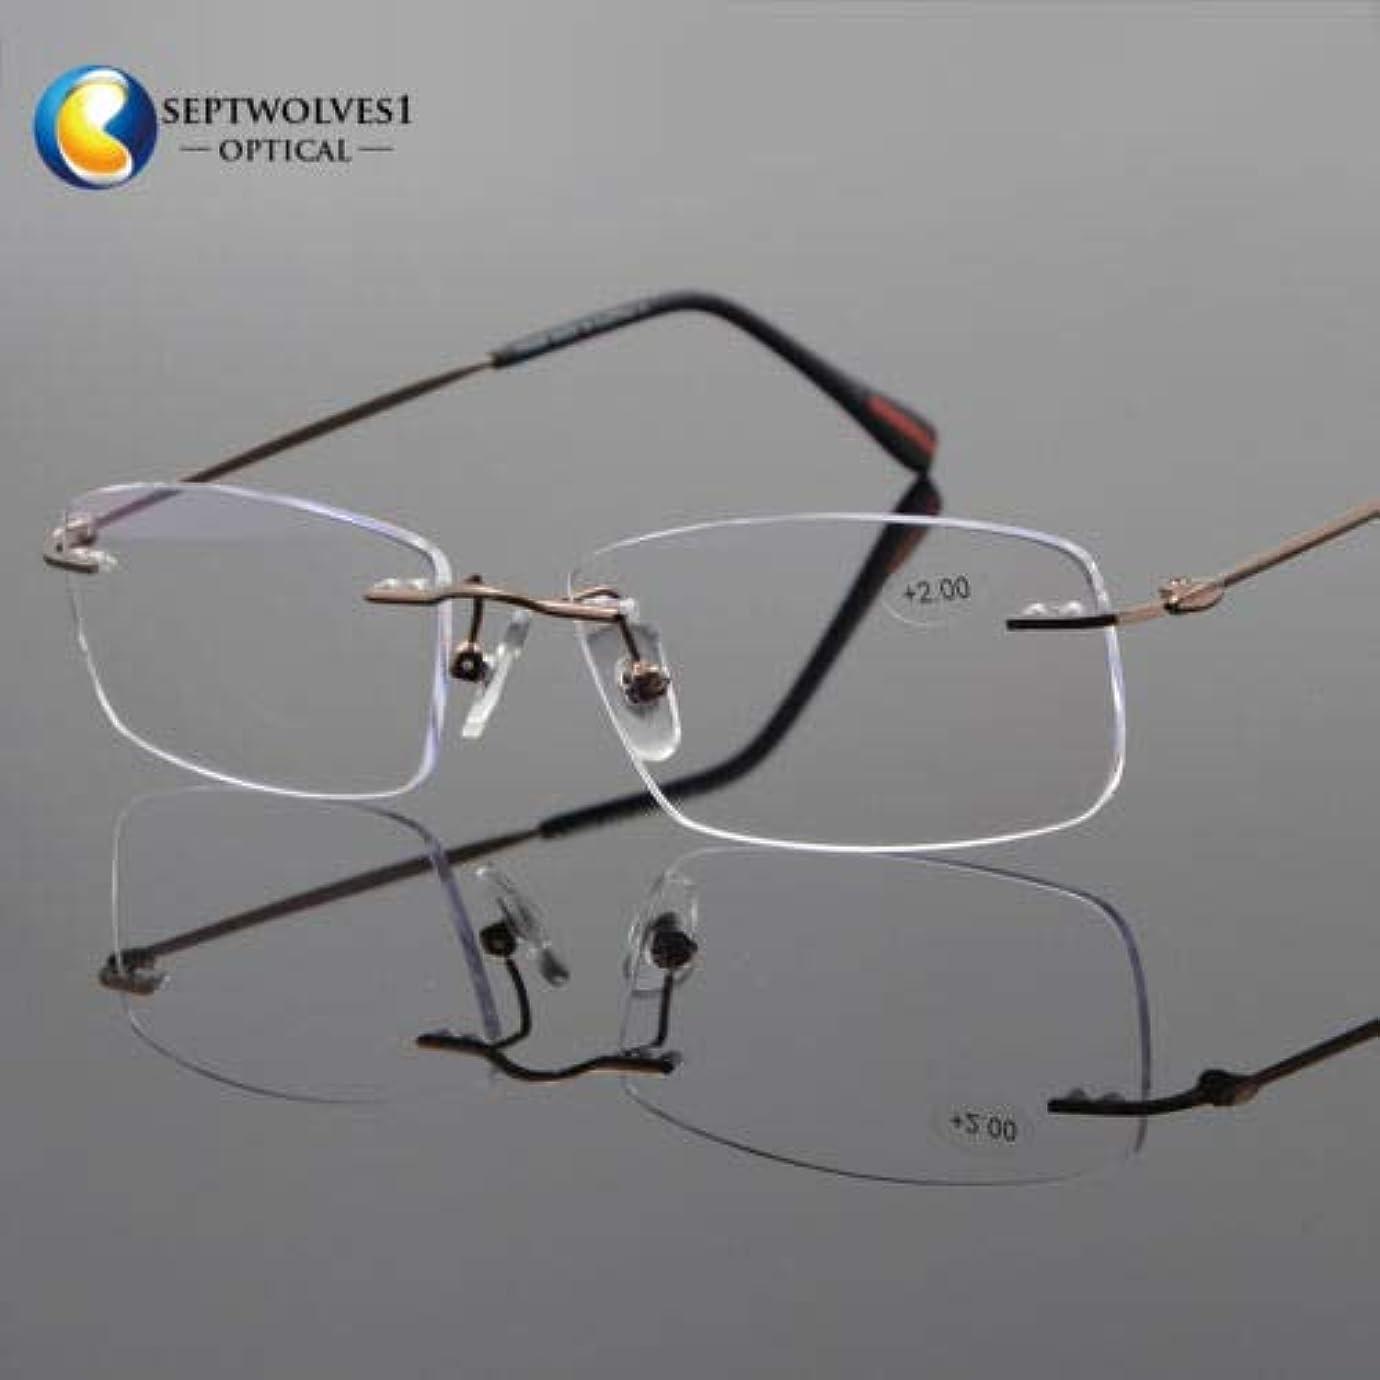 信じられない意味ストレスFidgetGear 新しいβチタン縁なし老眼鏡UV400コーティングレンズリーダー+0.00?+ 5.00 褐色